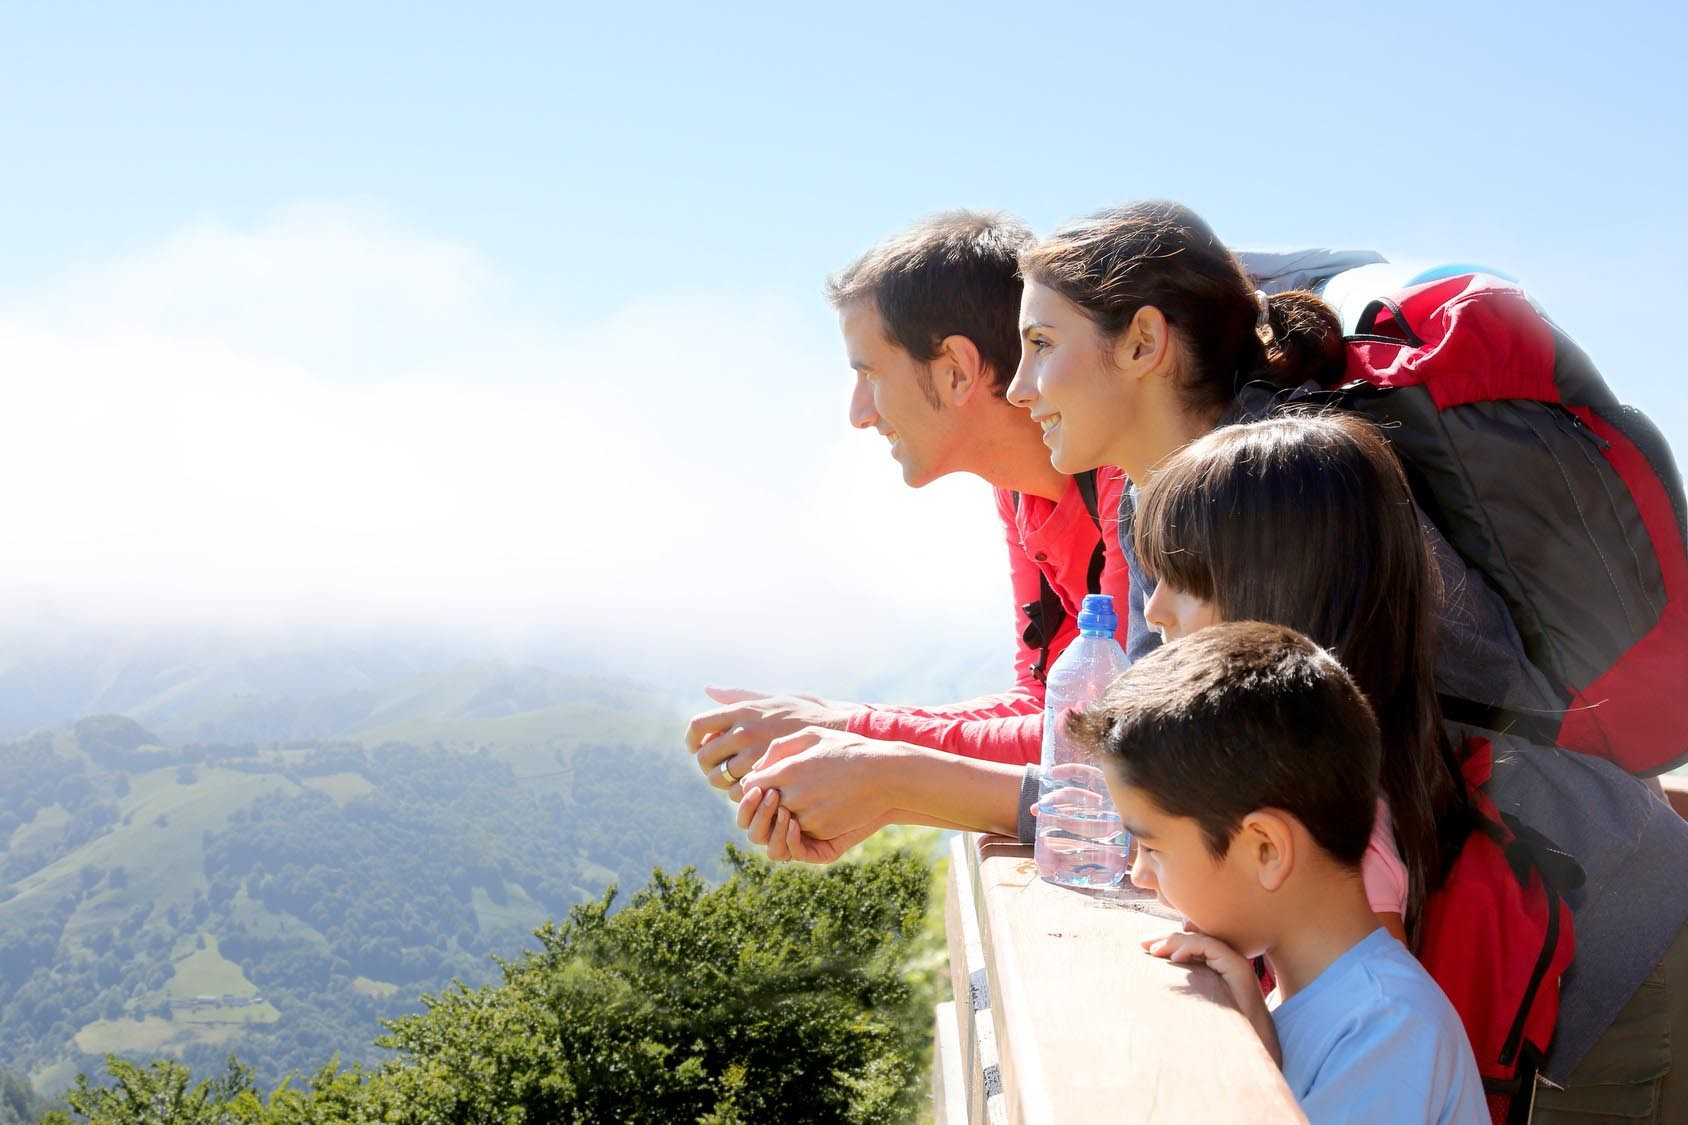 Vacanze in famiglia in Italia come scegliere località e strutture